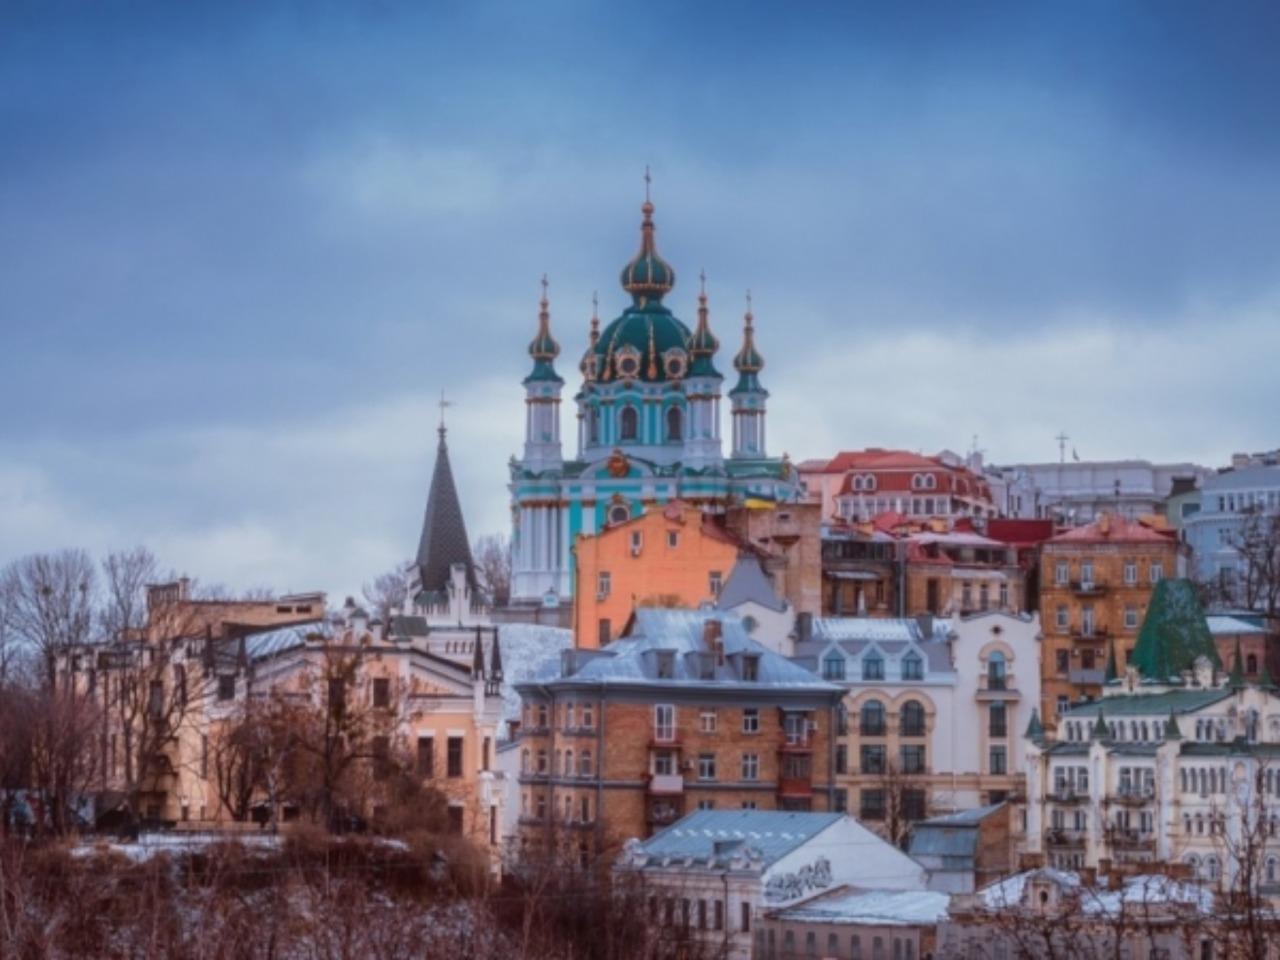 Андреевский спуск - киевский Монмартр - индивидуальная экскурсия по Киеву от опытного гида